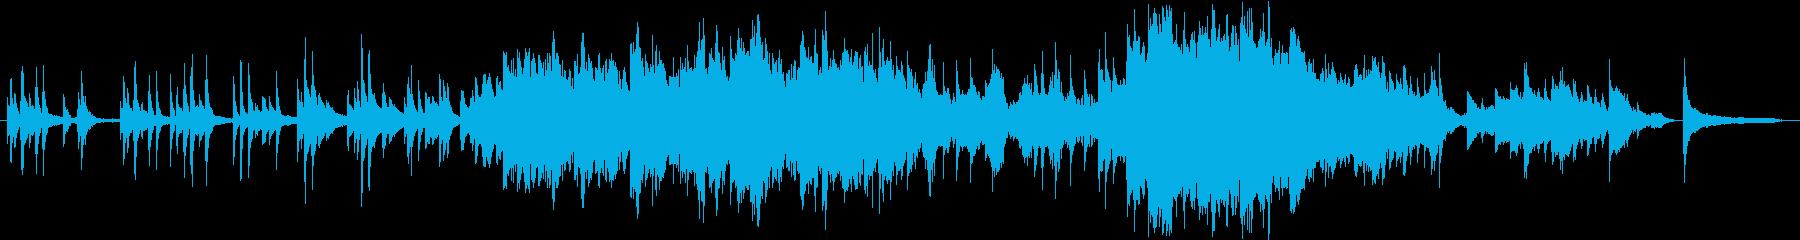 ピアノとソロバイオリンの感動的な曲の再生済みの波形